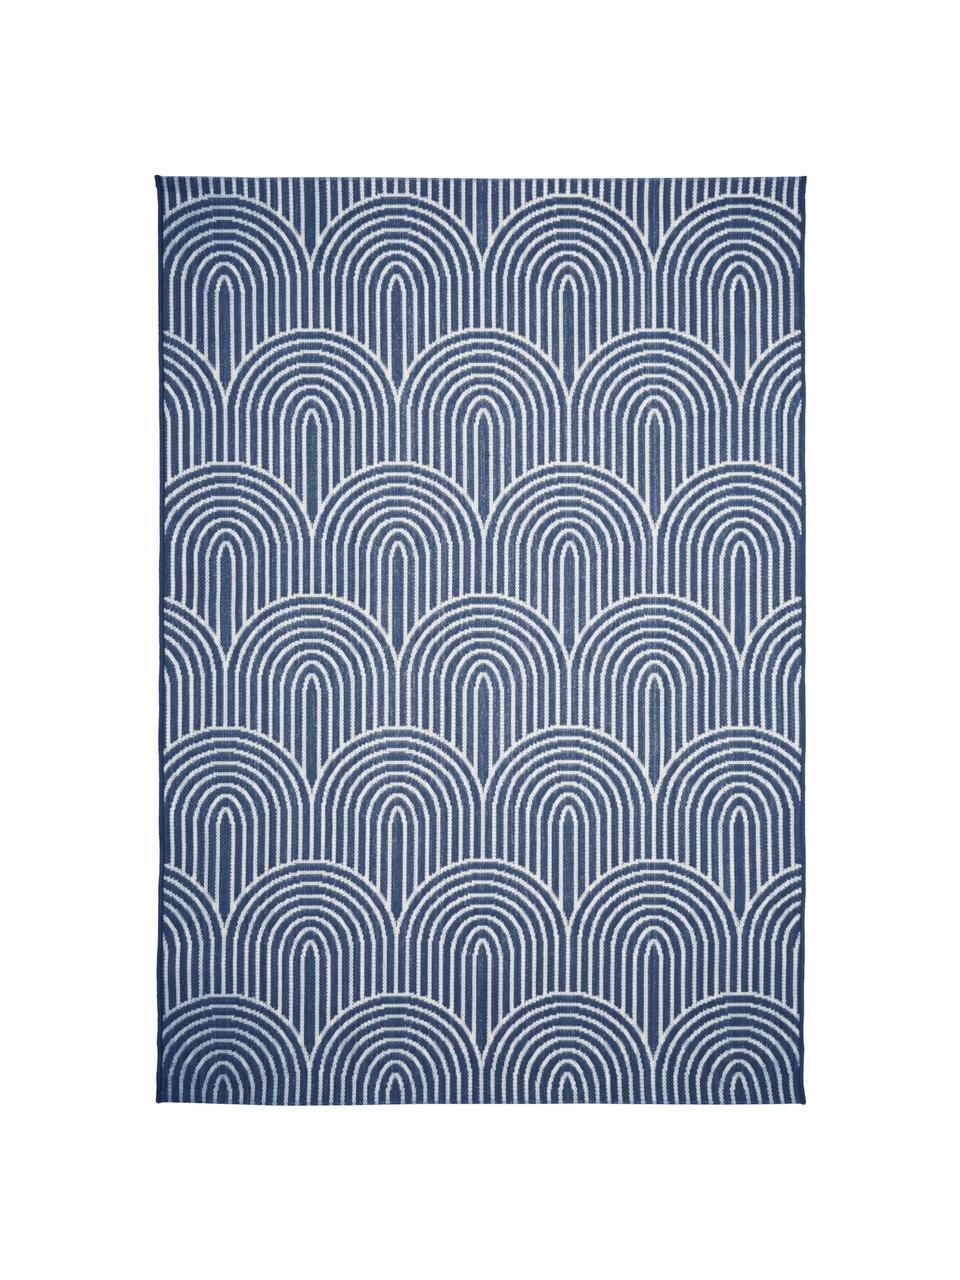 In- & Outdoorteppich Arches in Blau/Cremeweiß, 86% Polypropylen, 14% Polyester, Blau, Weiß, B 200 x L 290 cm (Größe L)